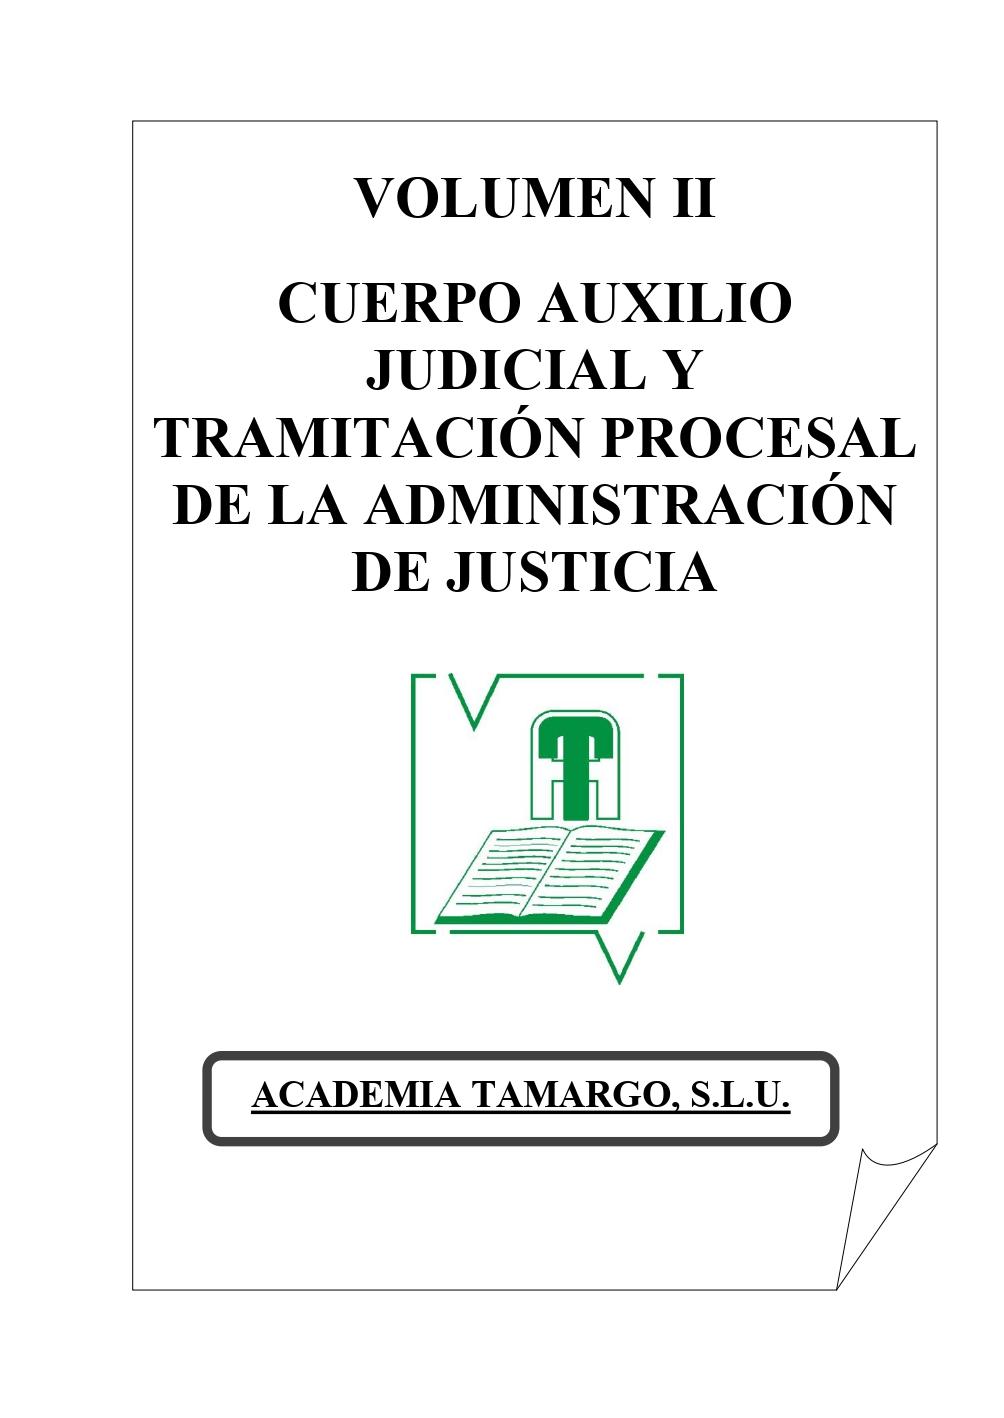 Vol II. Auxilio judicial y tramitacion procesal 2019_page-0001